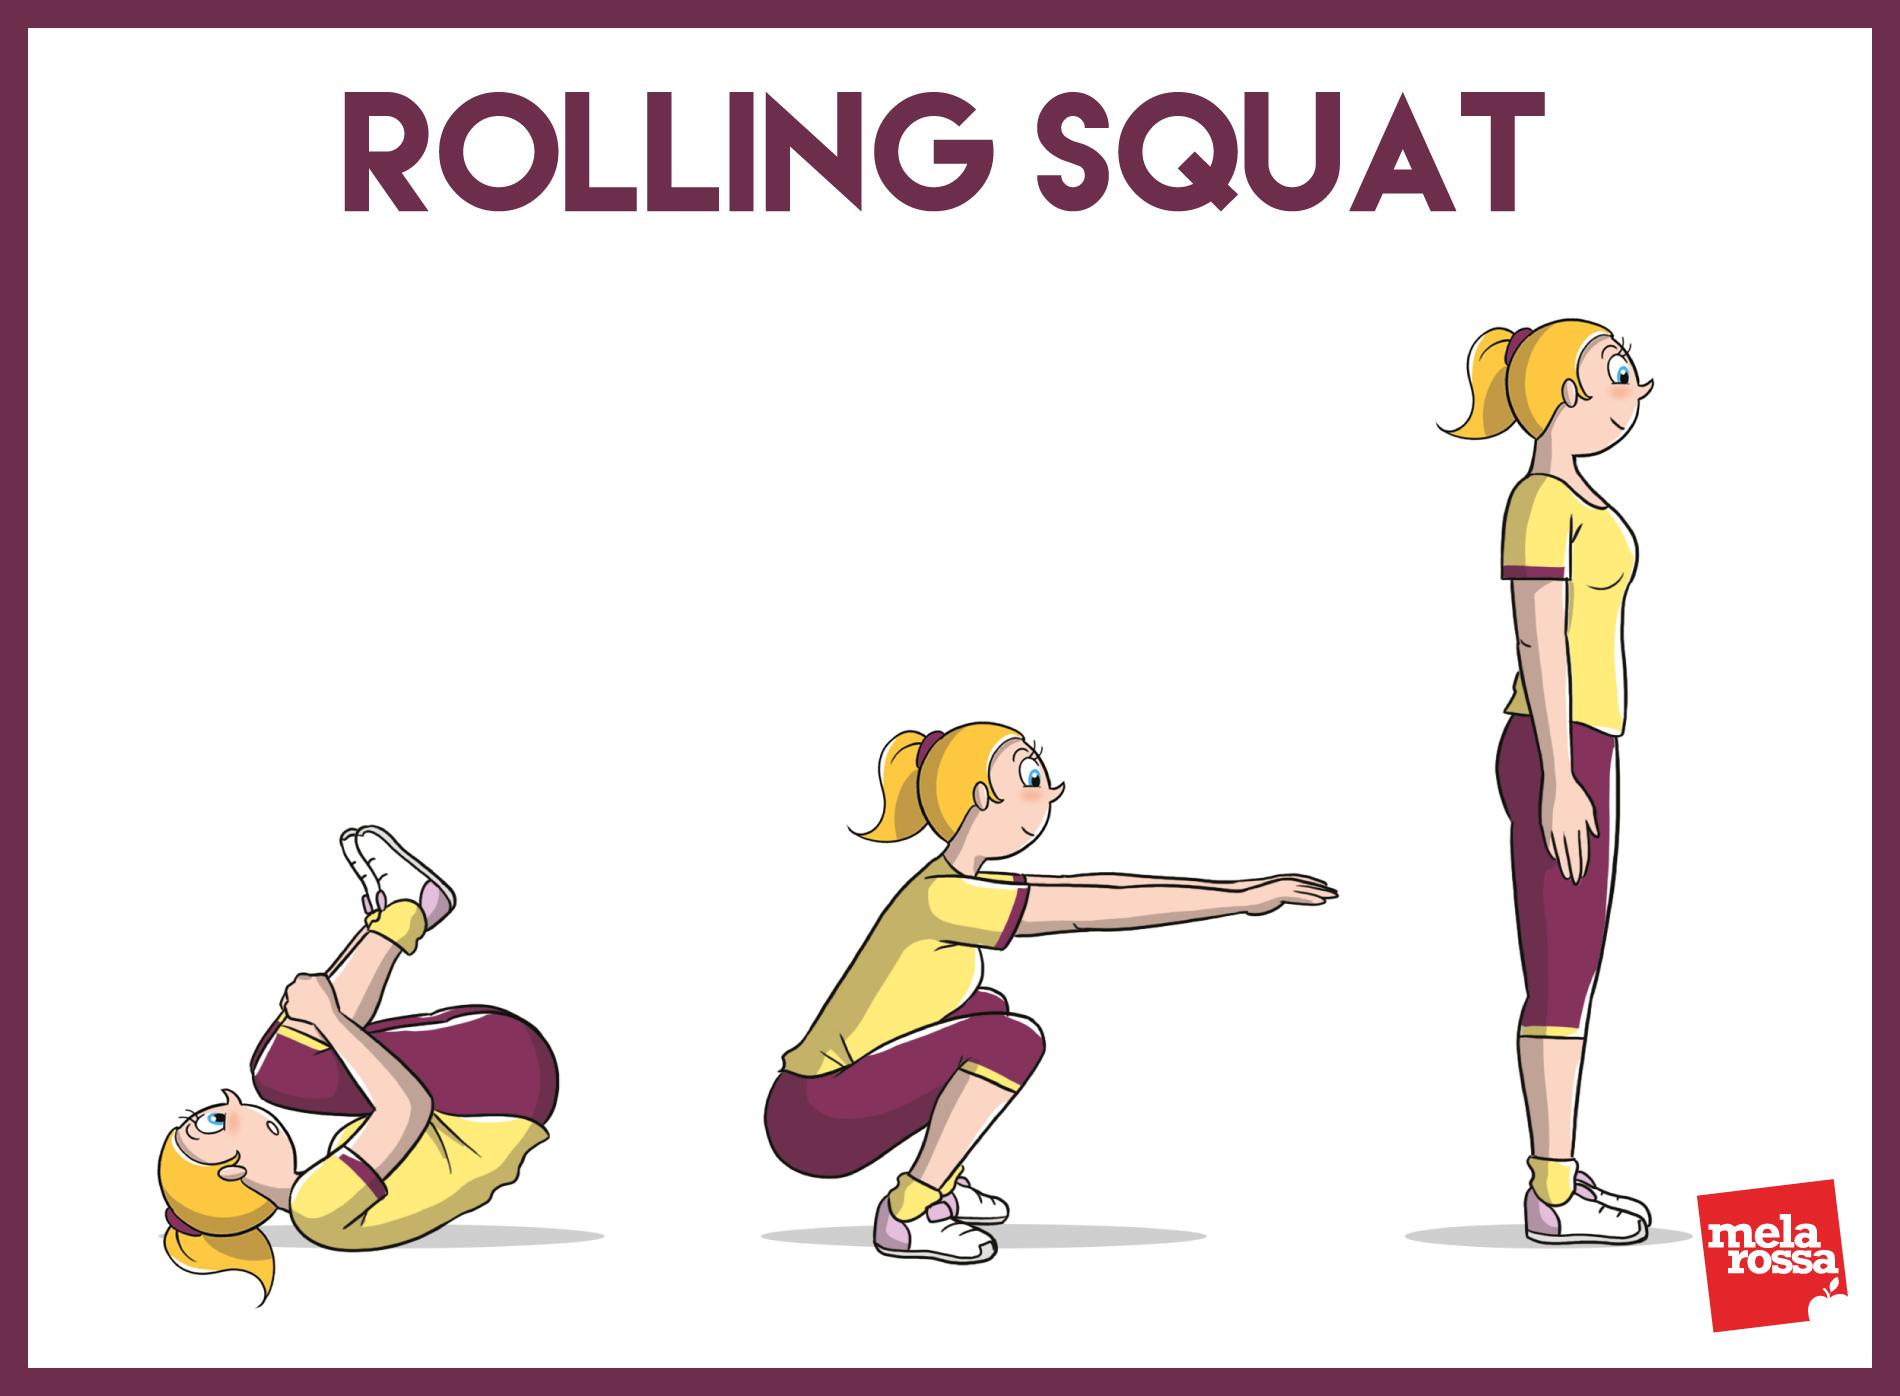 Risveglio muscolare per sportivi ed anziani